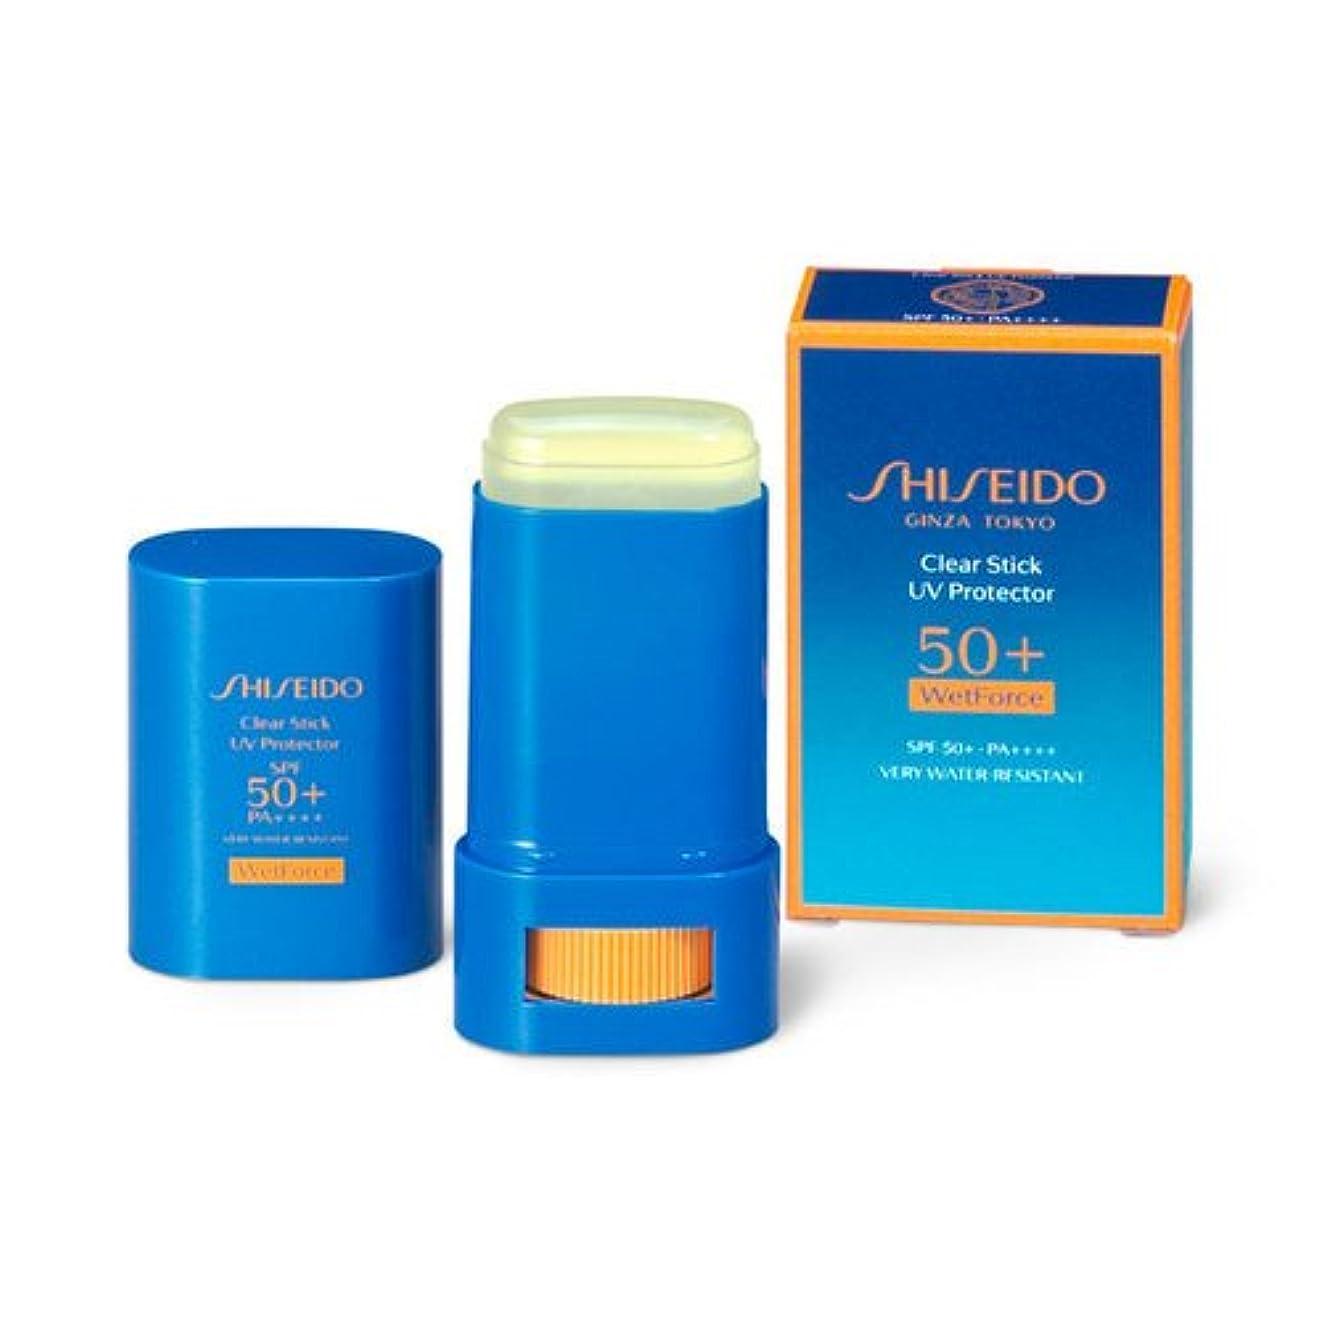 ベストなので誇張するSHISEIDO Suncare(資生堂 サンケア) SHISEIDO(資生堂) クリアスティック UVプロテクター 15g